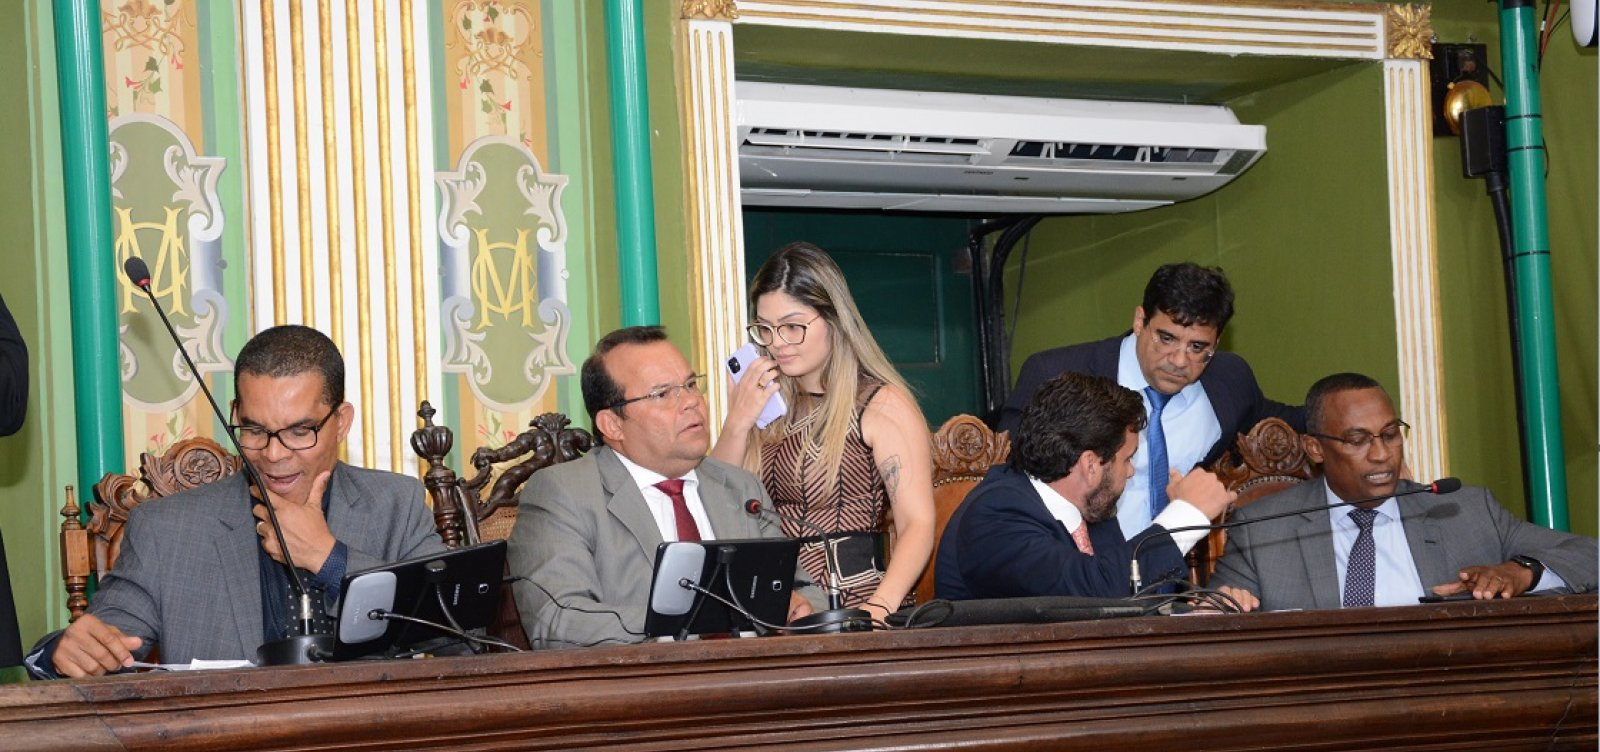 [Câmara de Salvador mantém vetos de ACM Neto a regulamento do Uber]